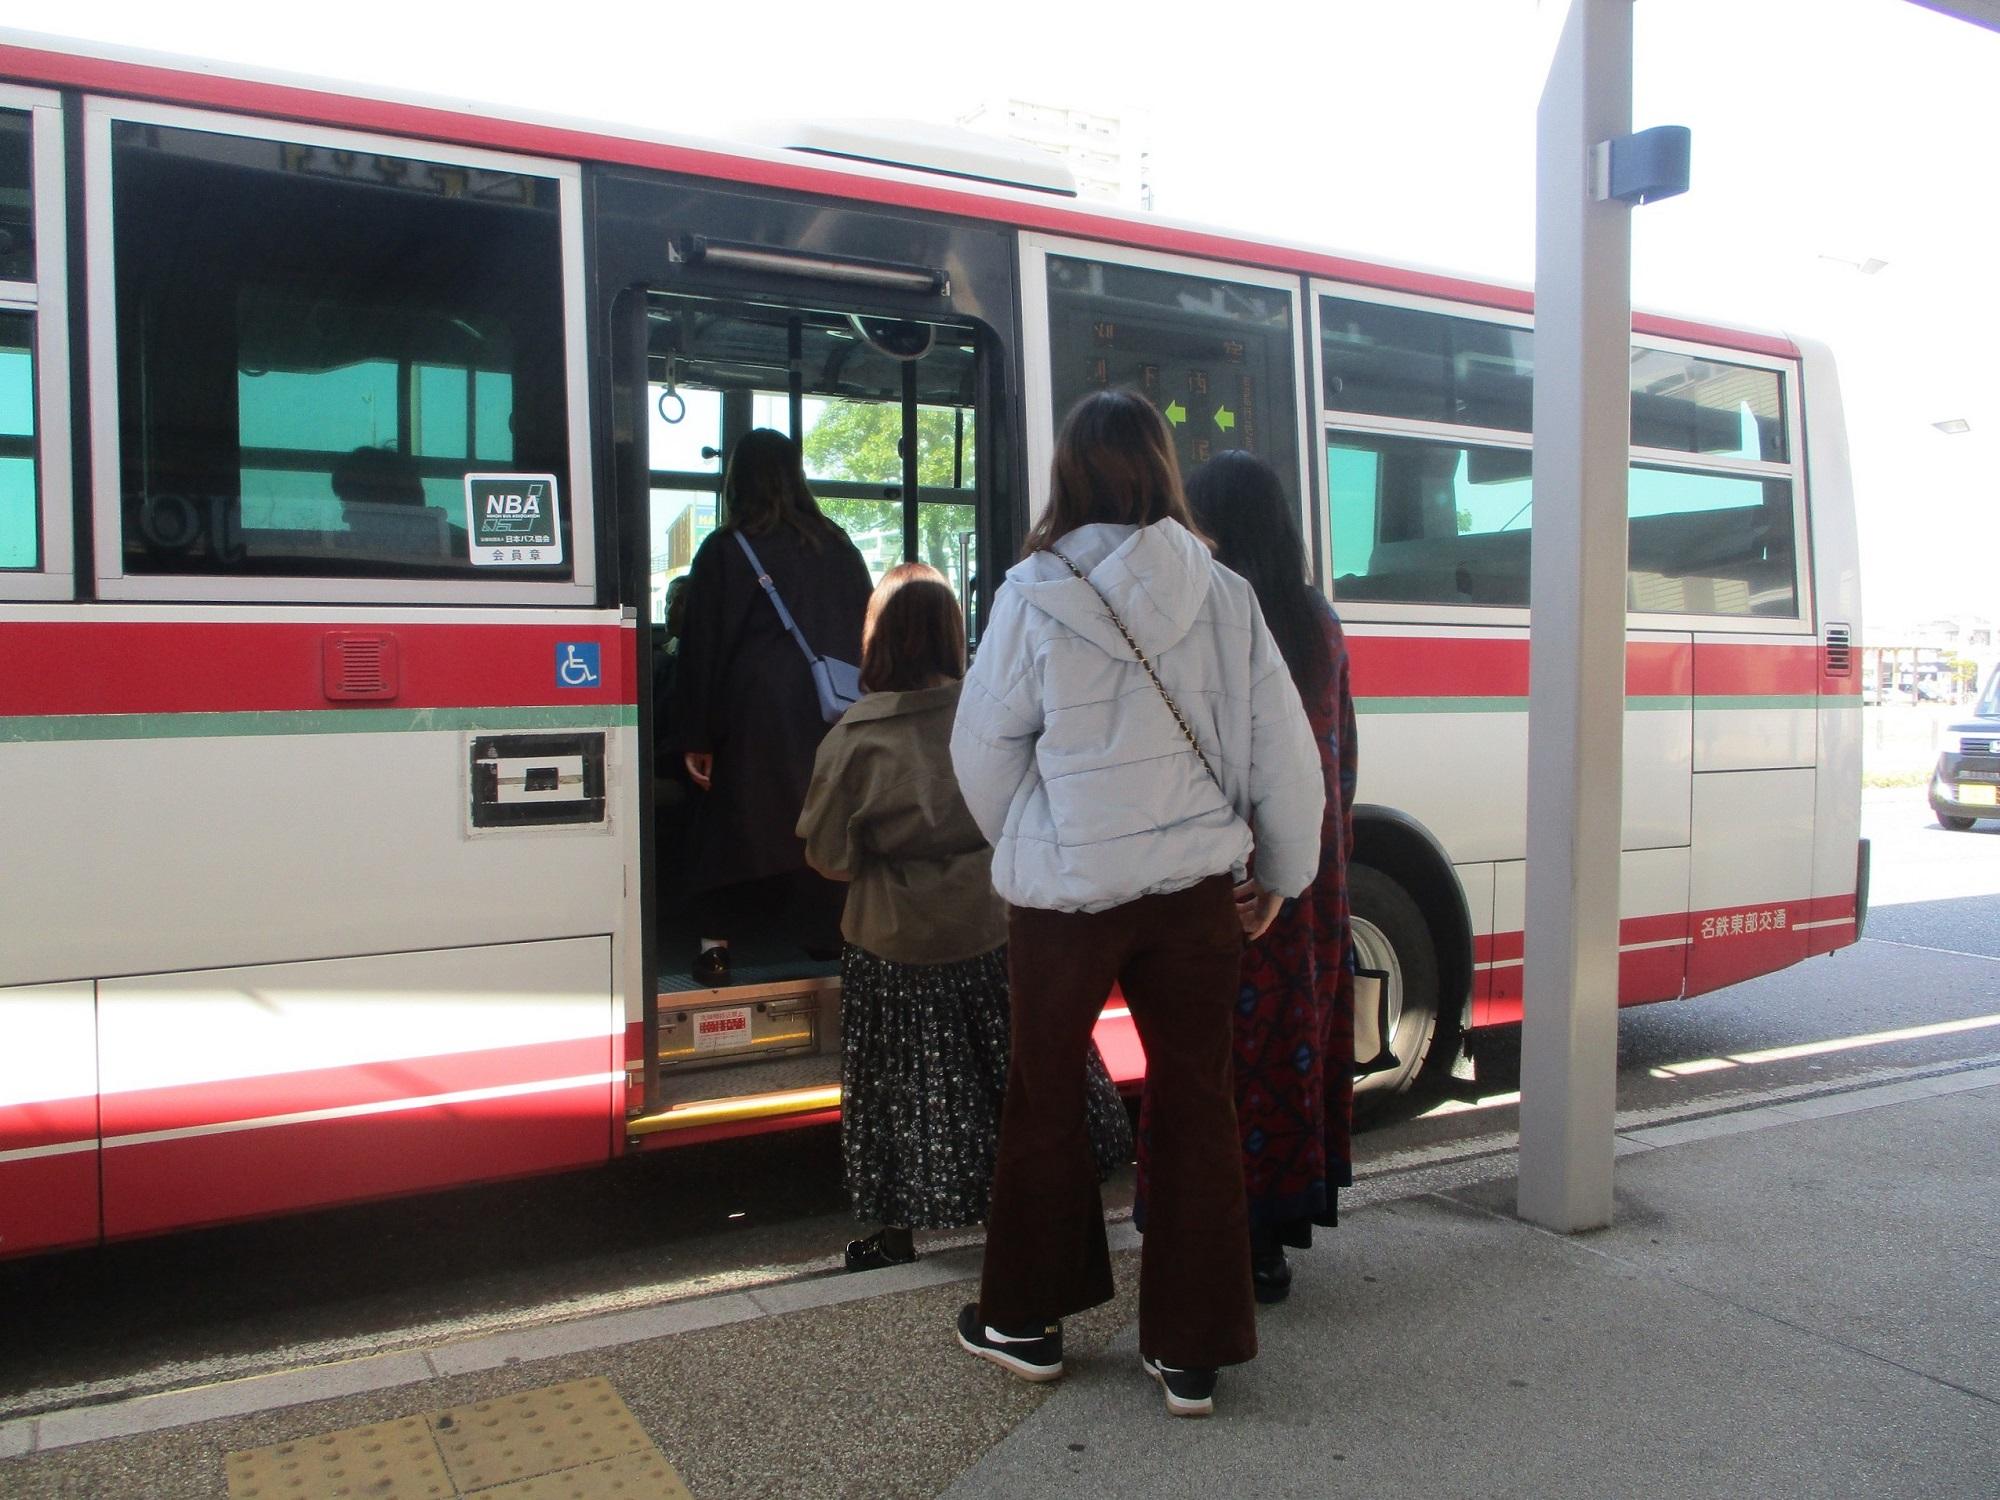 2020.3.13 (17) 西尾 - 寺津・刈宿循環バス 2000-1500